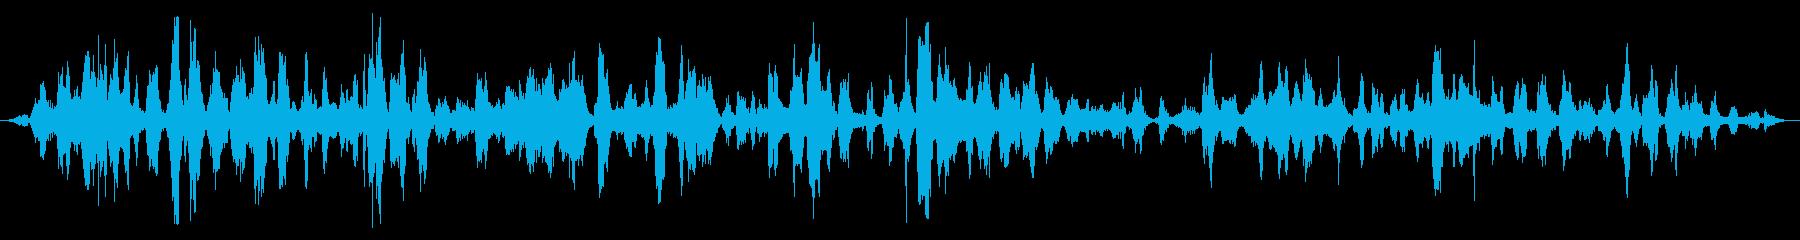 小さな屋内の群衆:会話中の激しい笑いの再生済みの波形